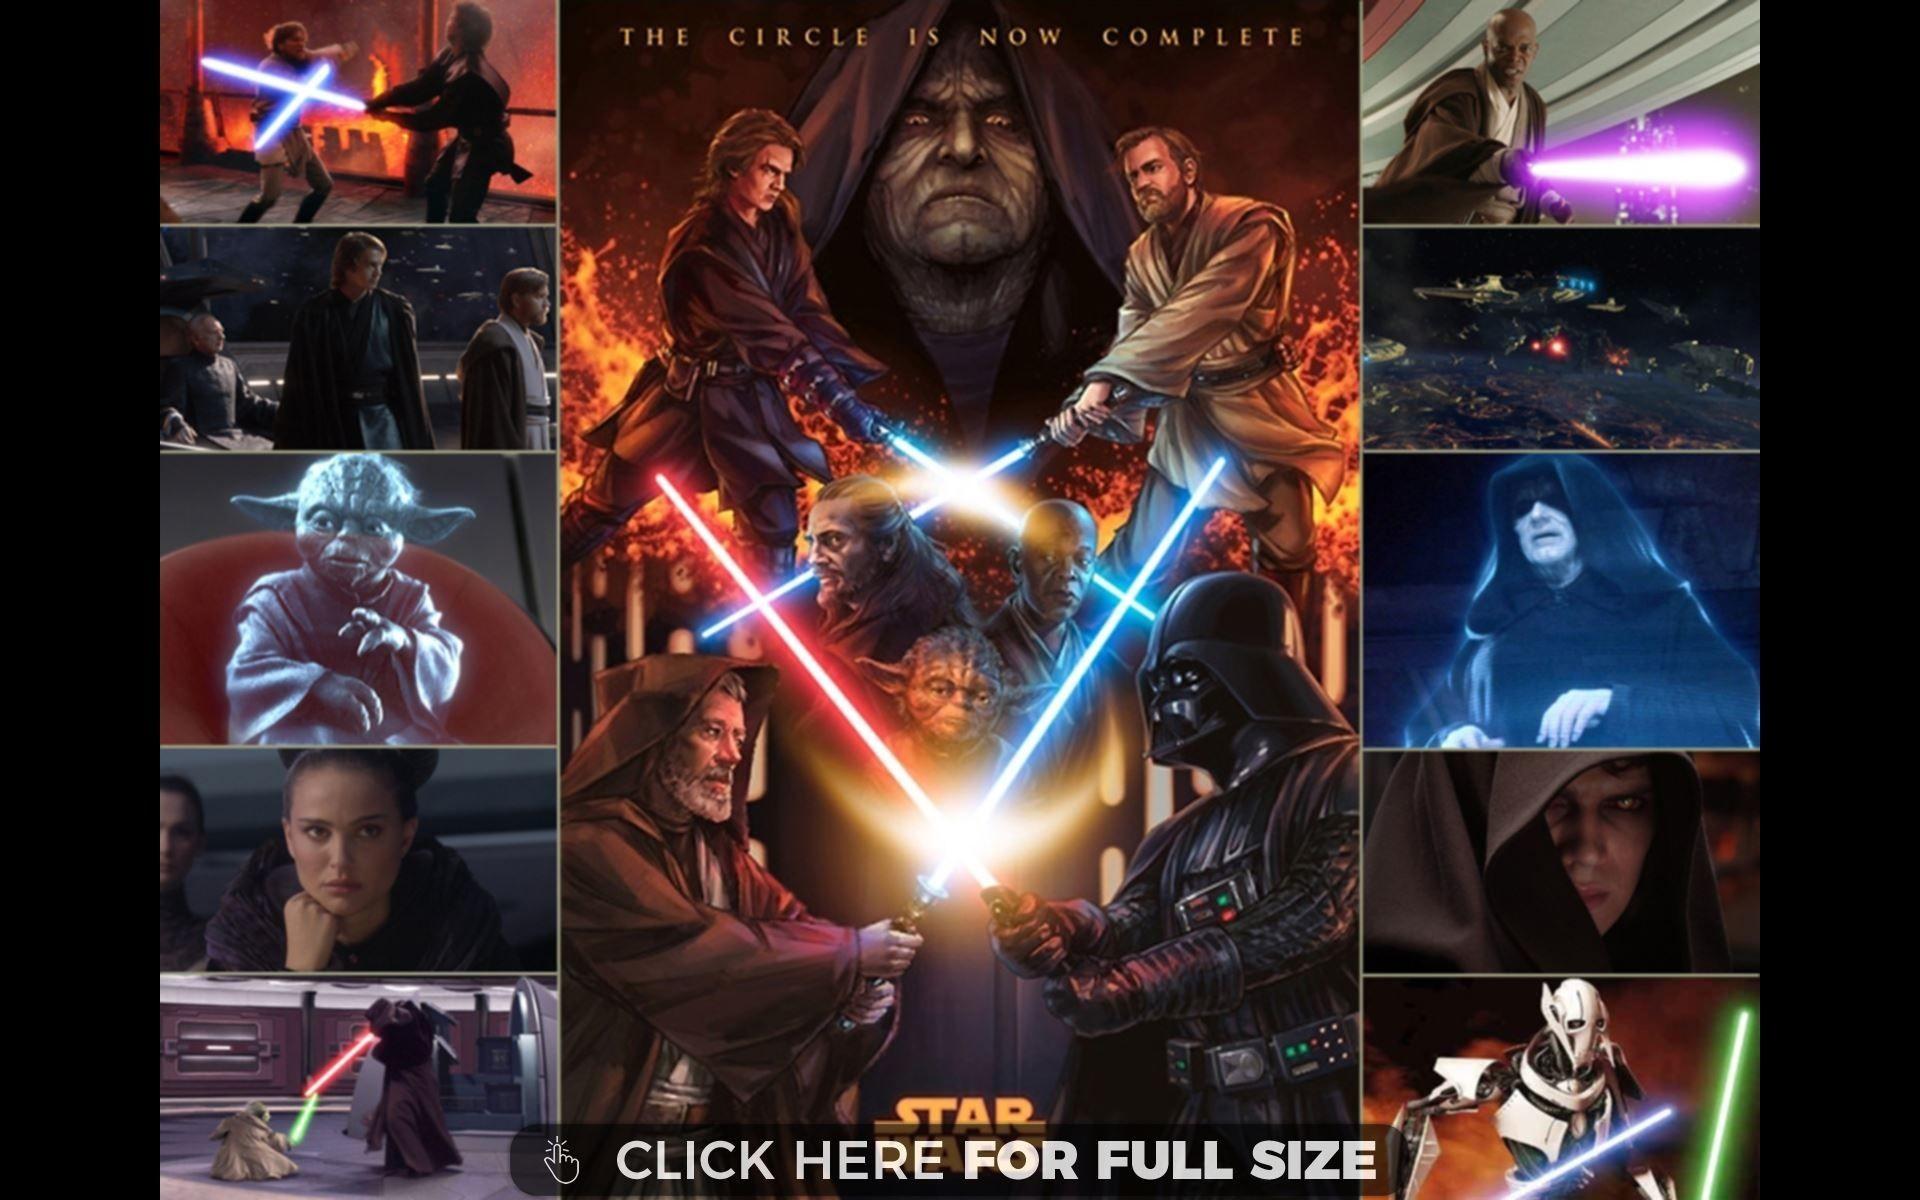 star wars episode 3 hd full movie